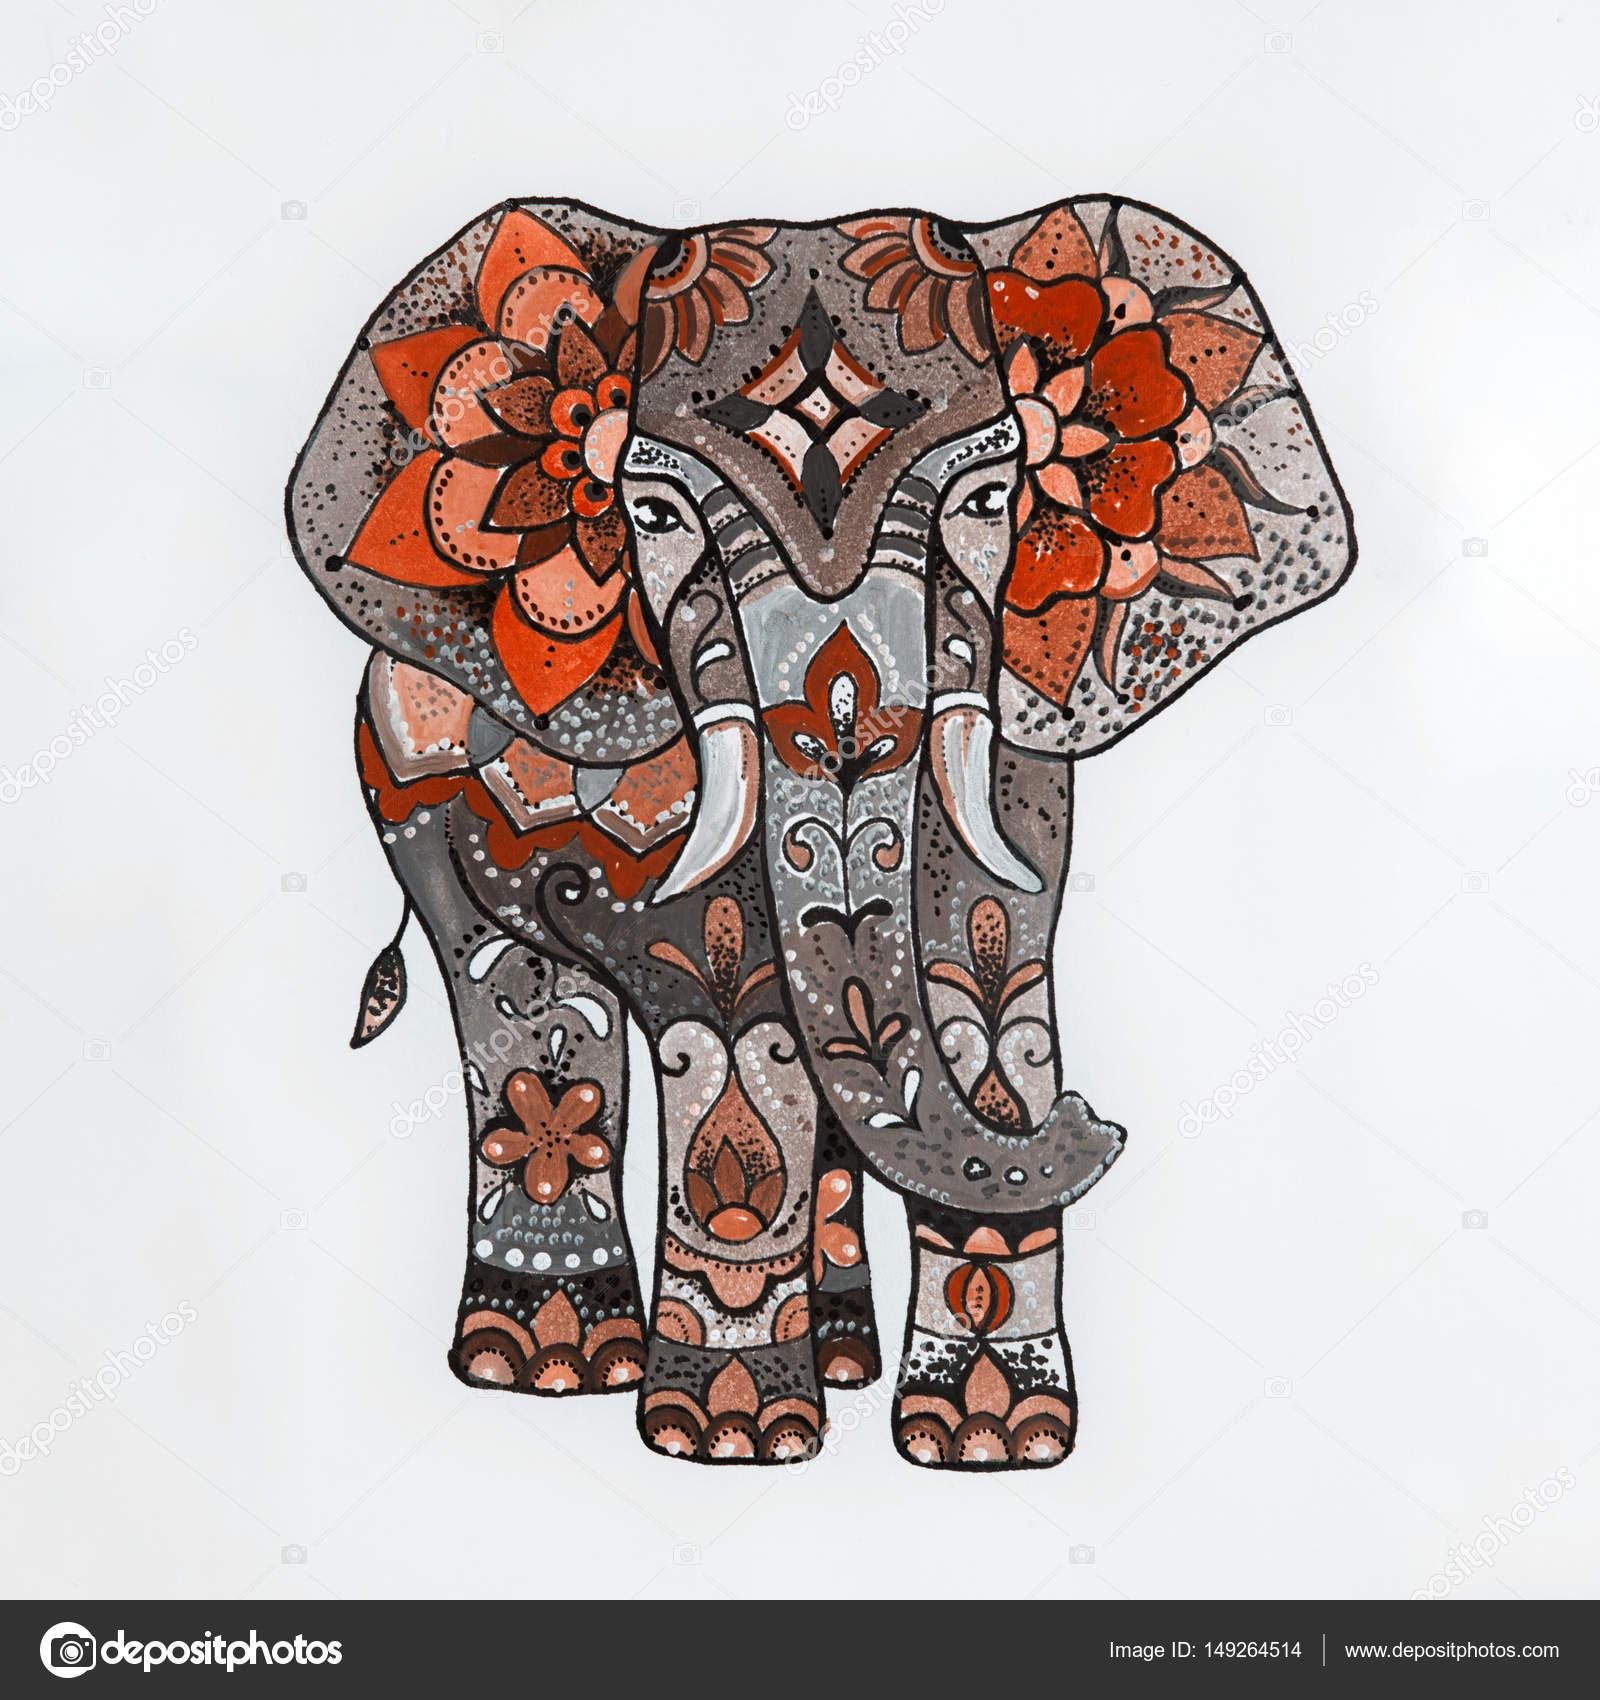 Ongekend Roter Elefant mit schönen Mustern zu skizzieren. — Stockfoto RY-33